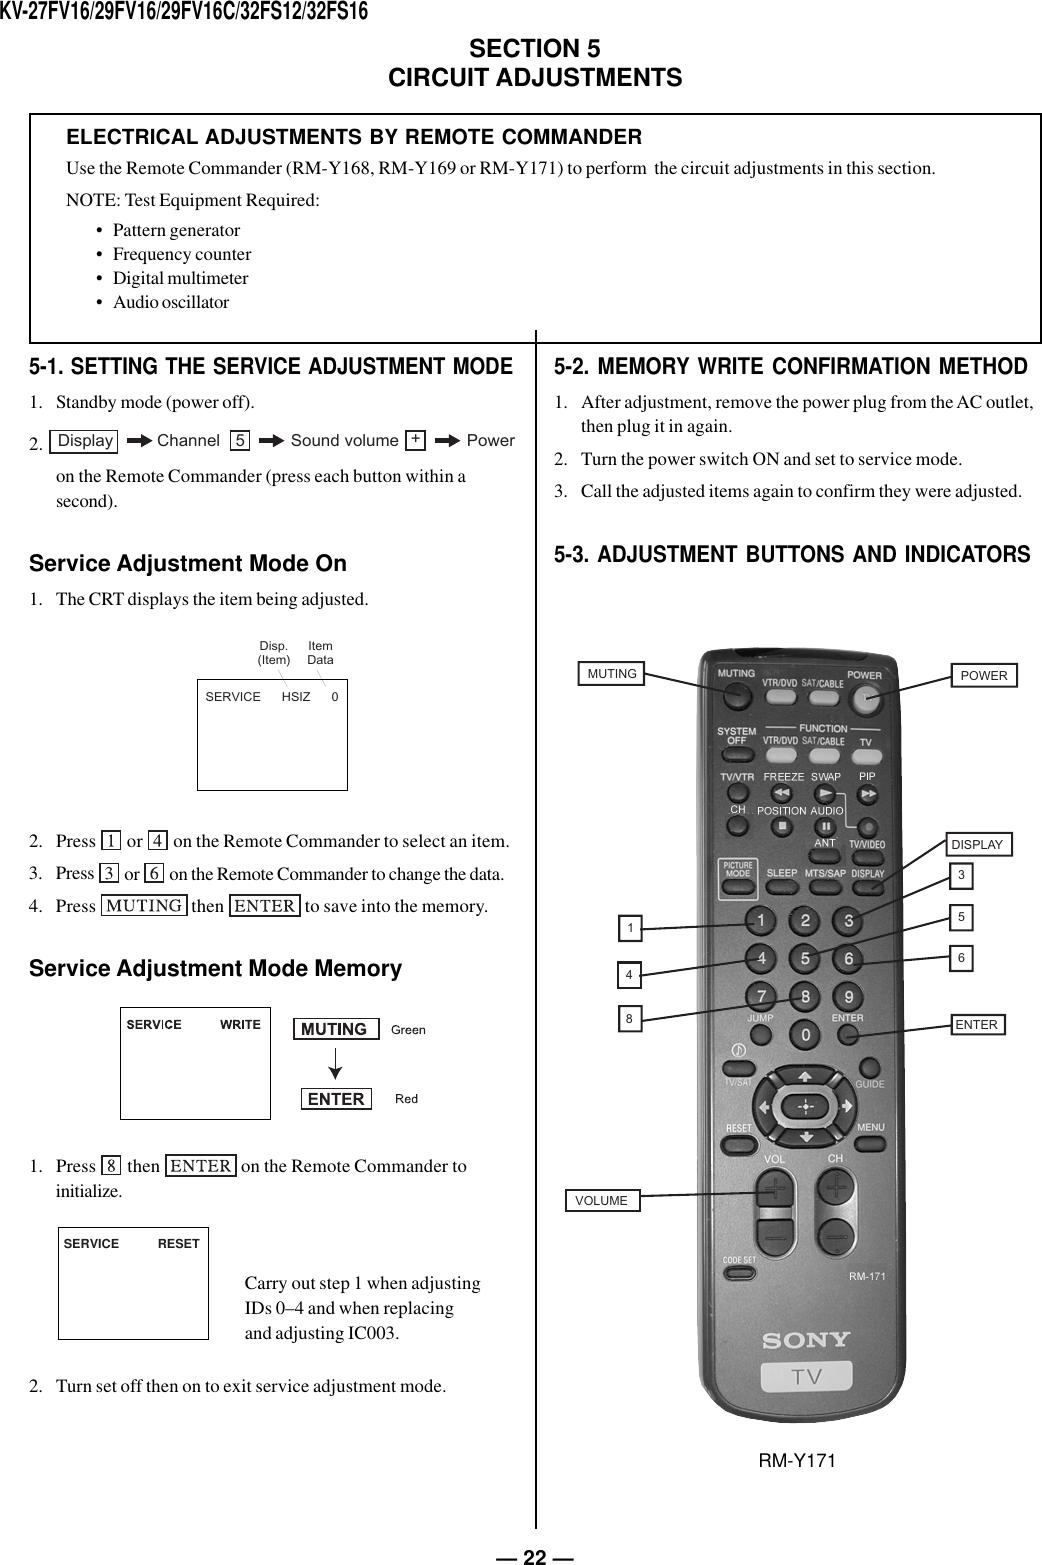 Sony Trinitron Kv27Fv16 Users Manual